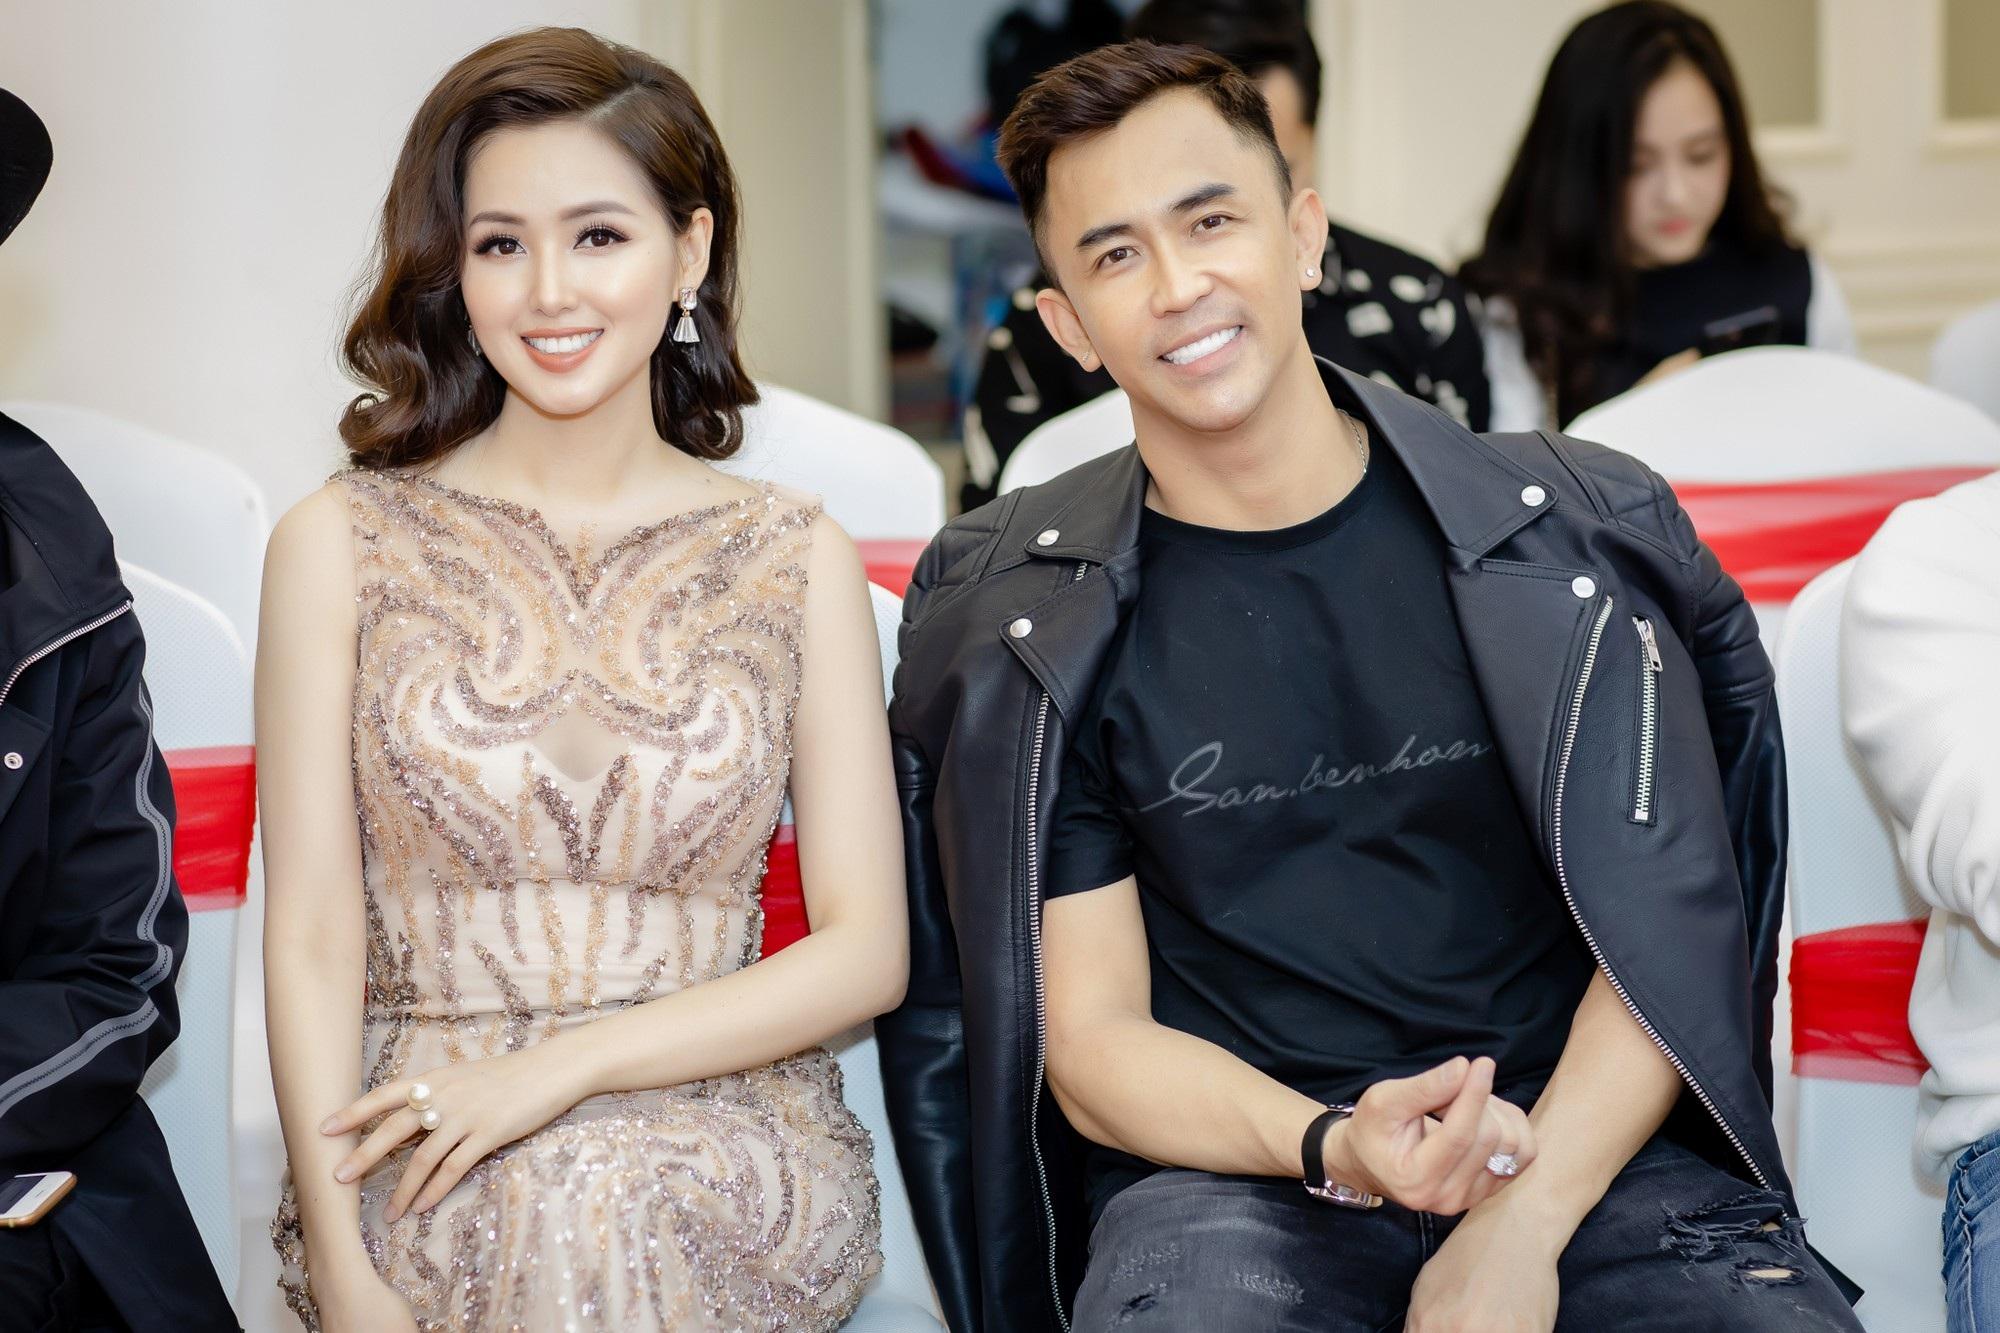 Cuộc sống sung túc, hot girl Tâm Tít sang chảnh không kém Hoa hậu Mai Phương Thuý - Ảnh 8.